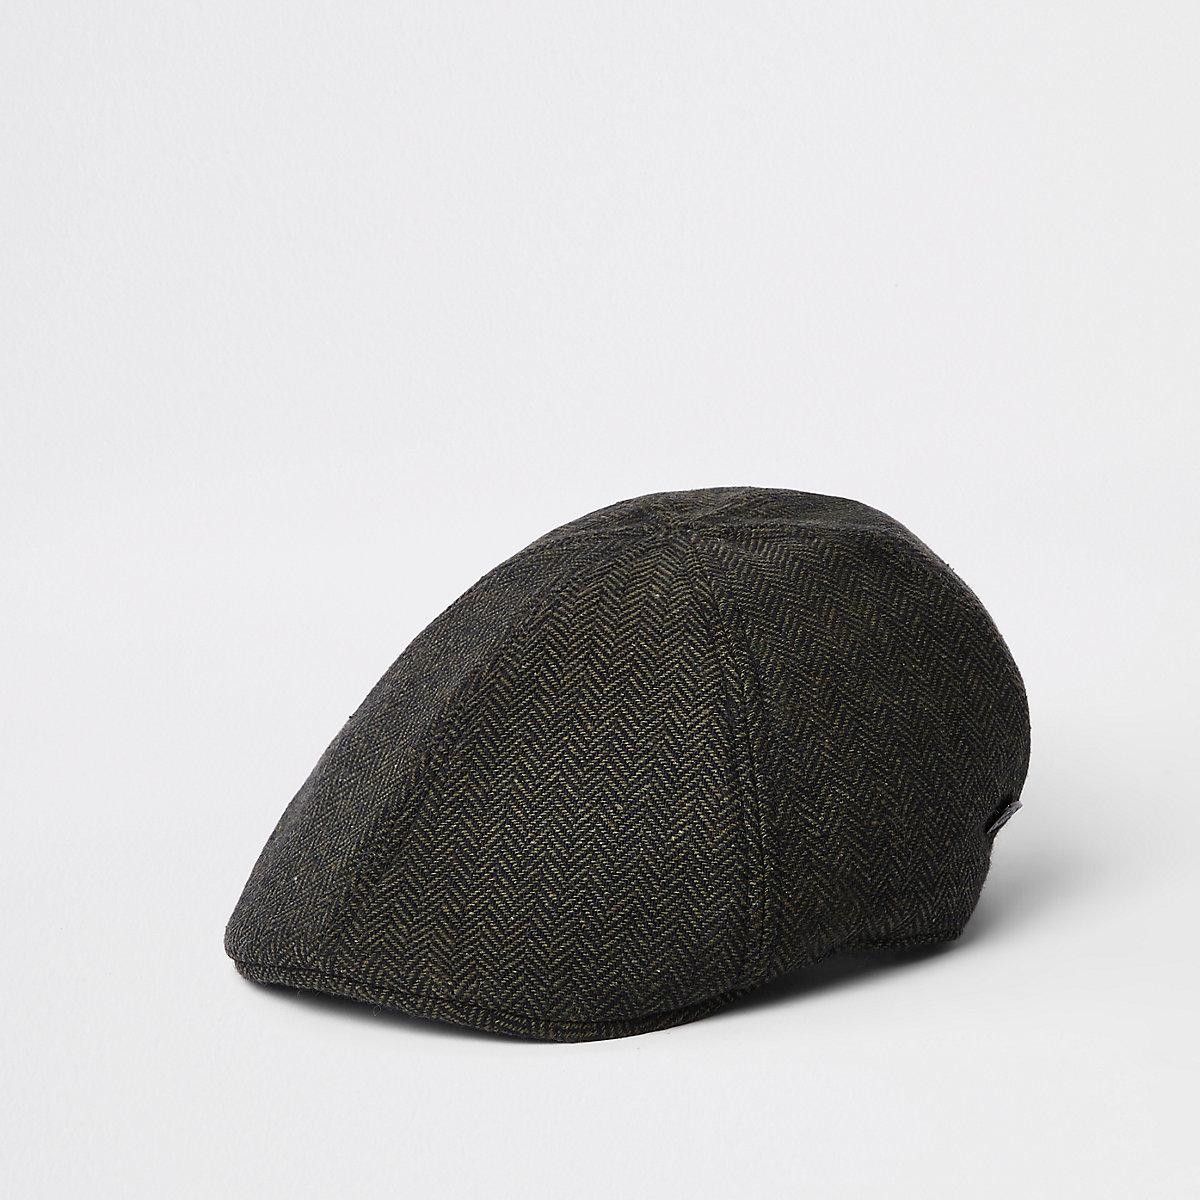 Khaki green herringbone flat cap